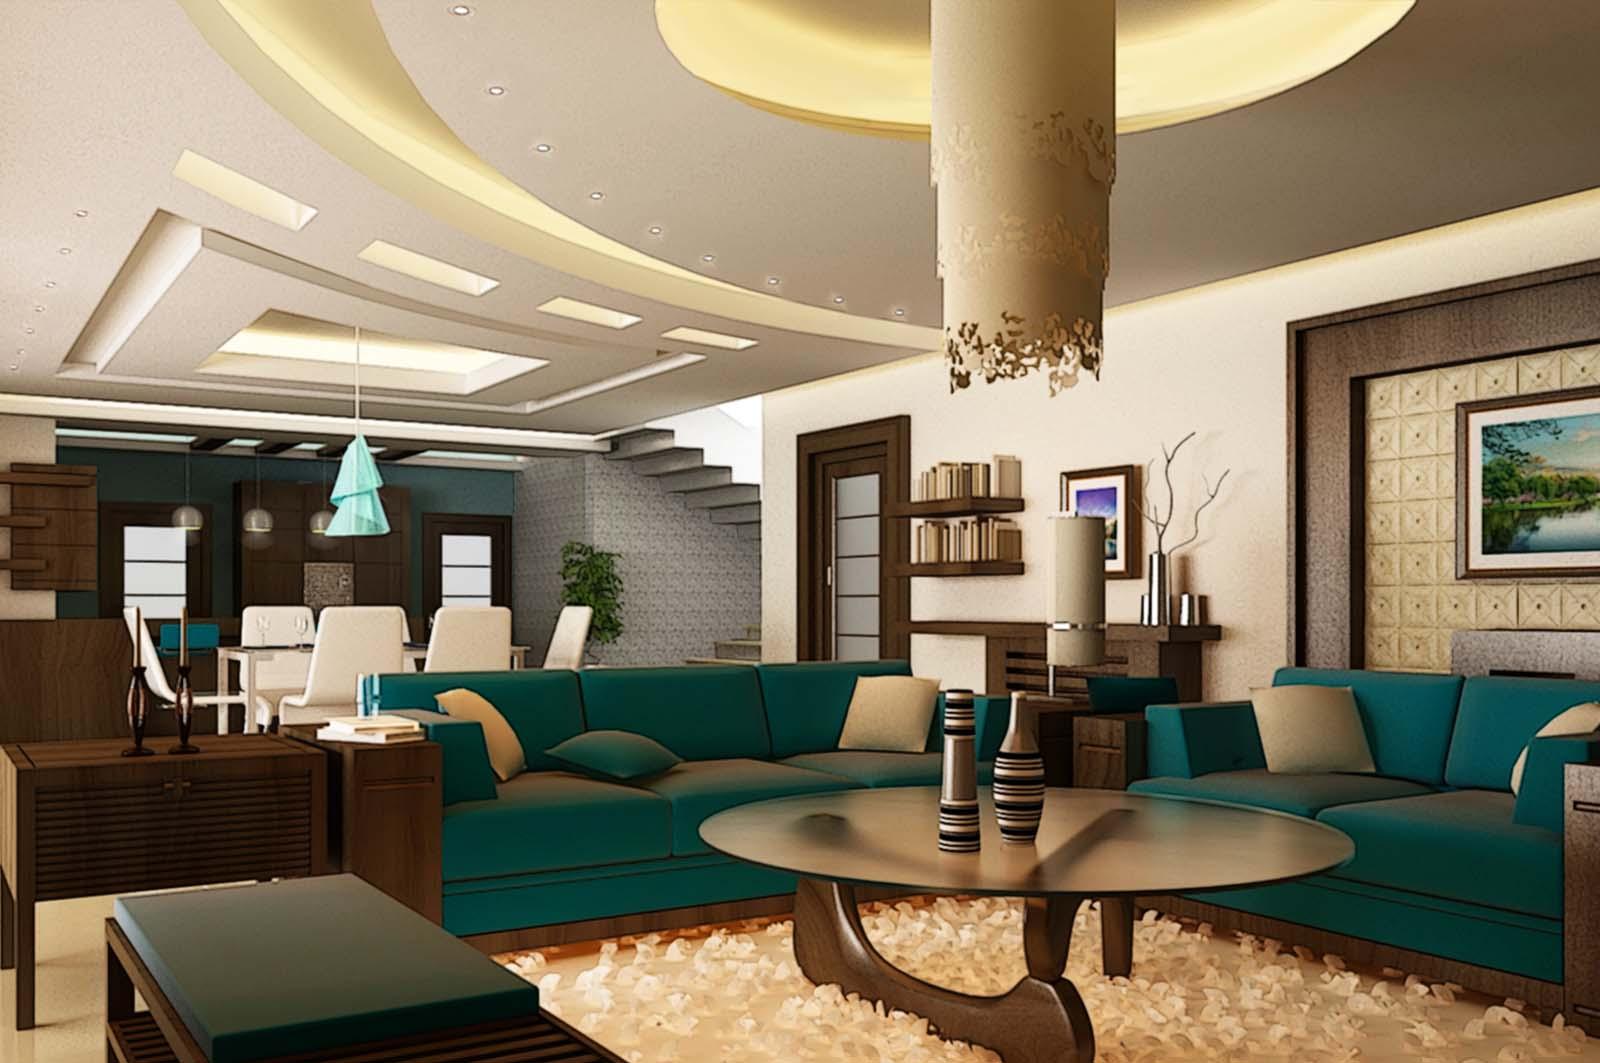 Ceiling Lights Living Room Chandelier